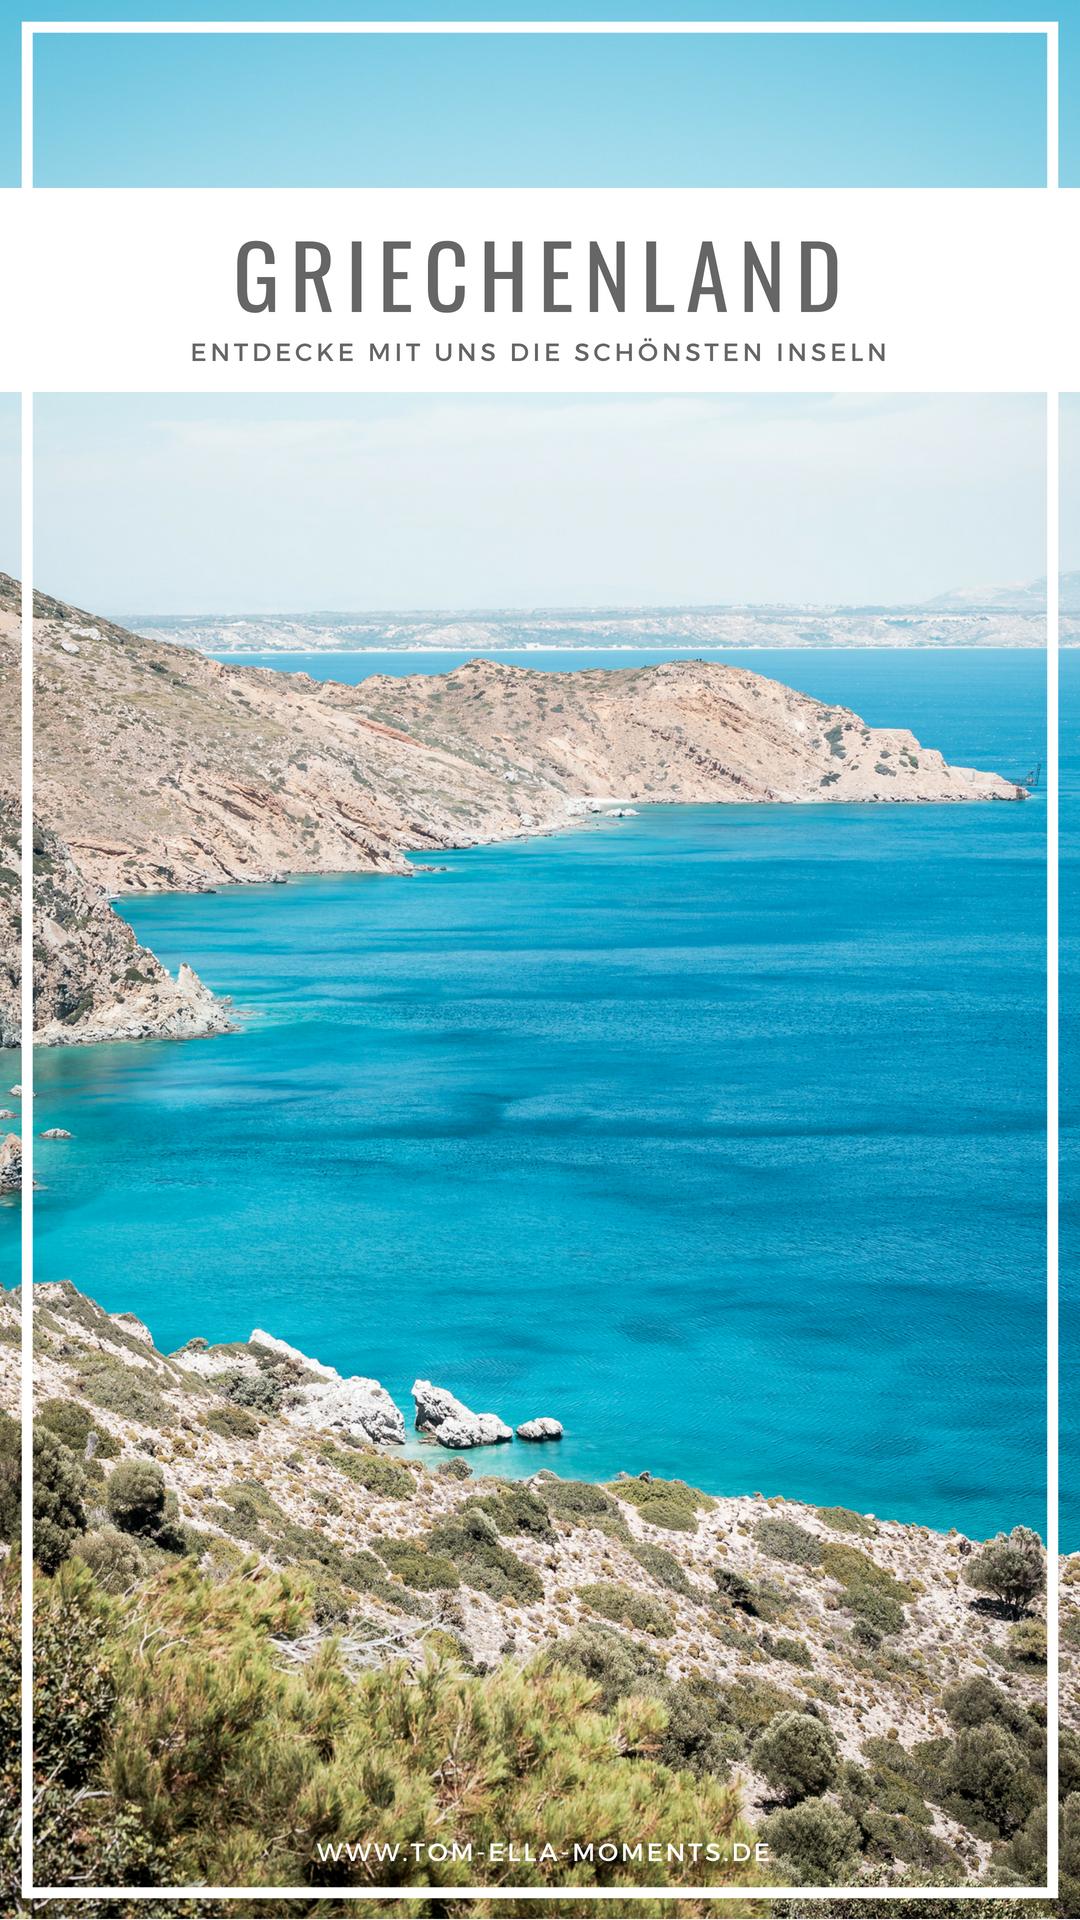 Schönste Strände Peloponnes Karte.Griechische Inseln übersicht Die Schönsten Inselgruppen Mit Karte